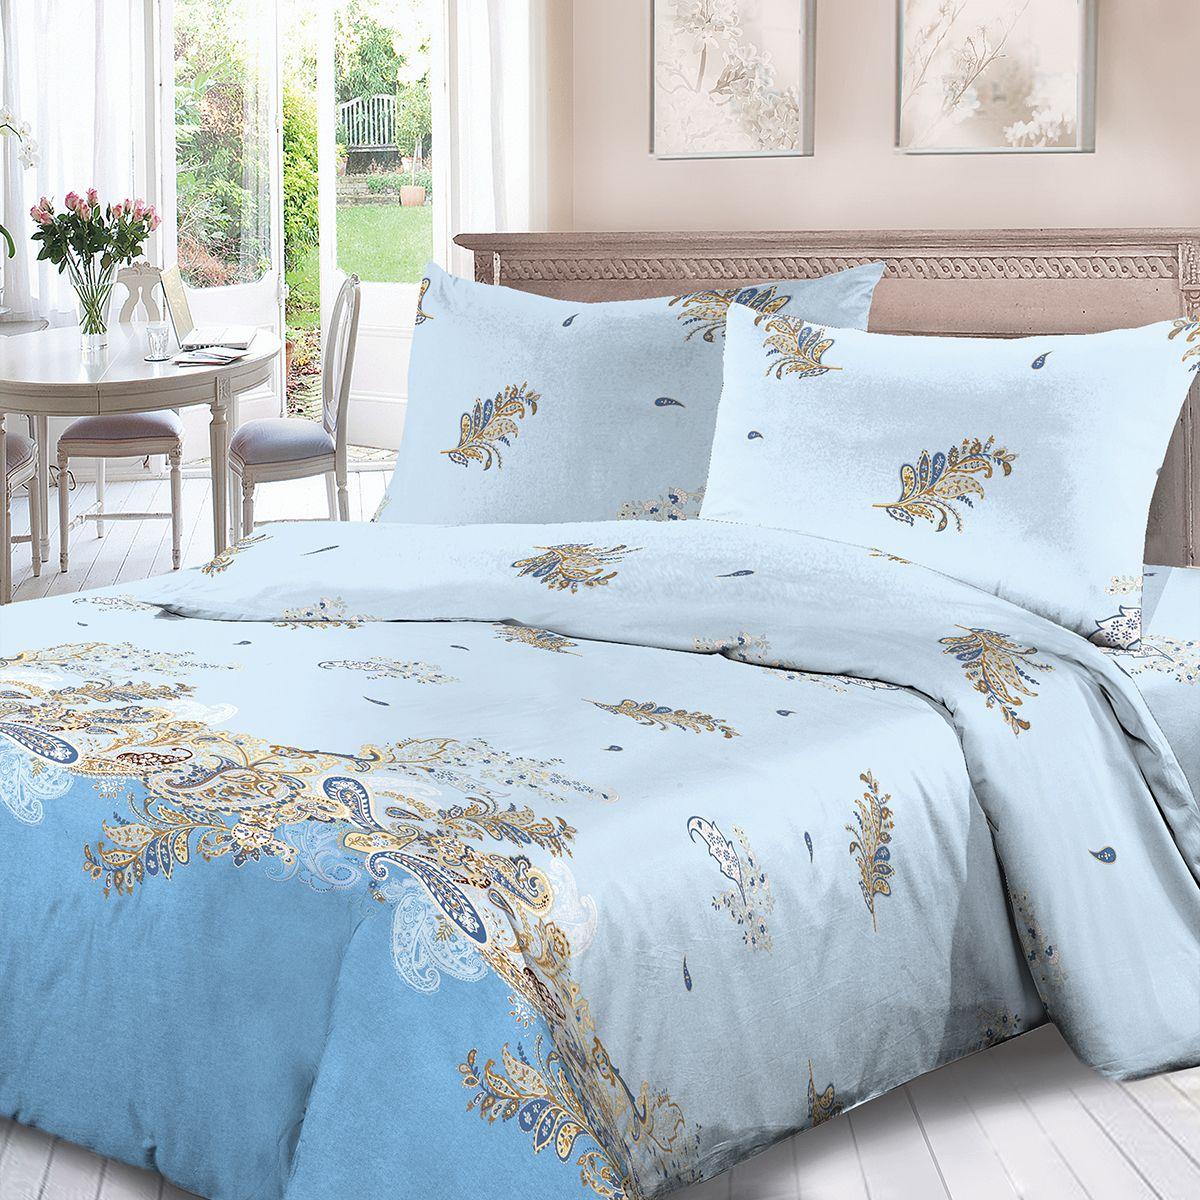 Комплект белья Для Снов Македония, семейный, наволочки 70x70, цвет: голубой. 4129-190155